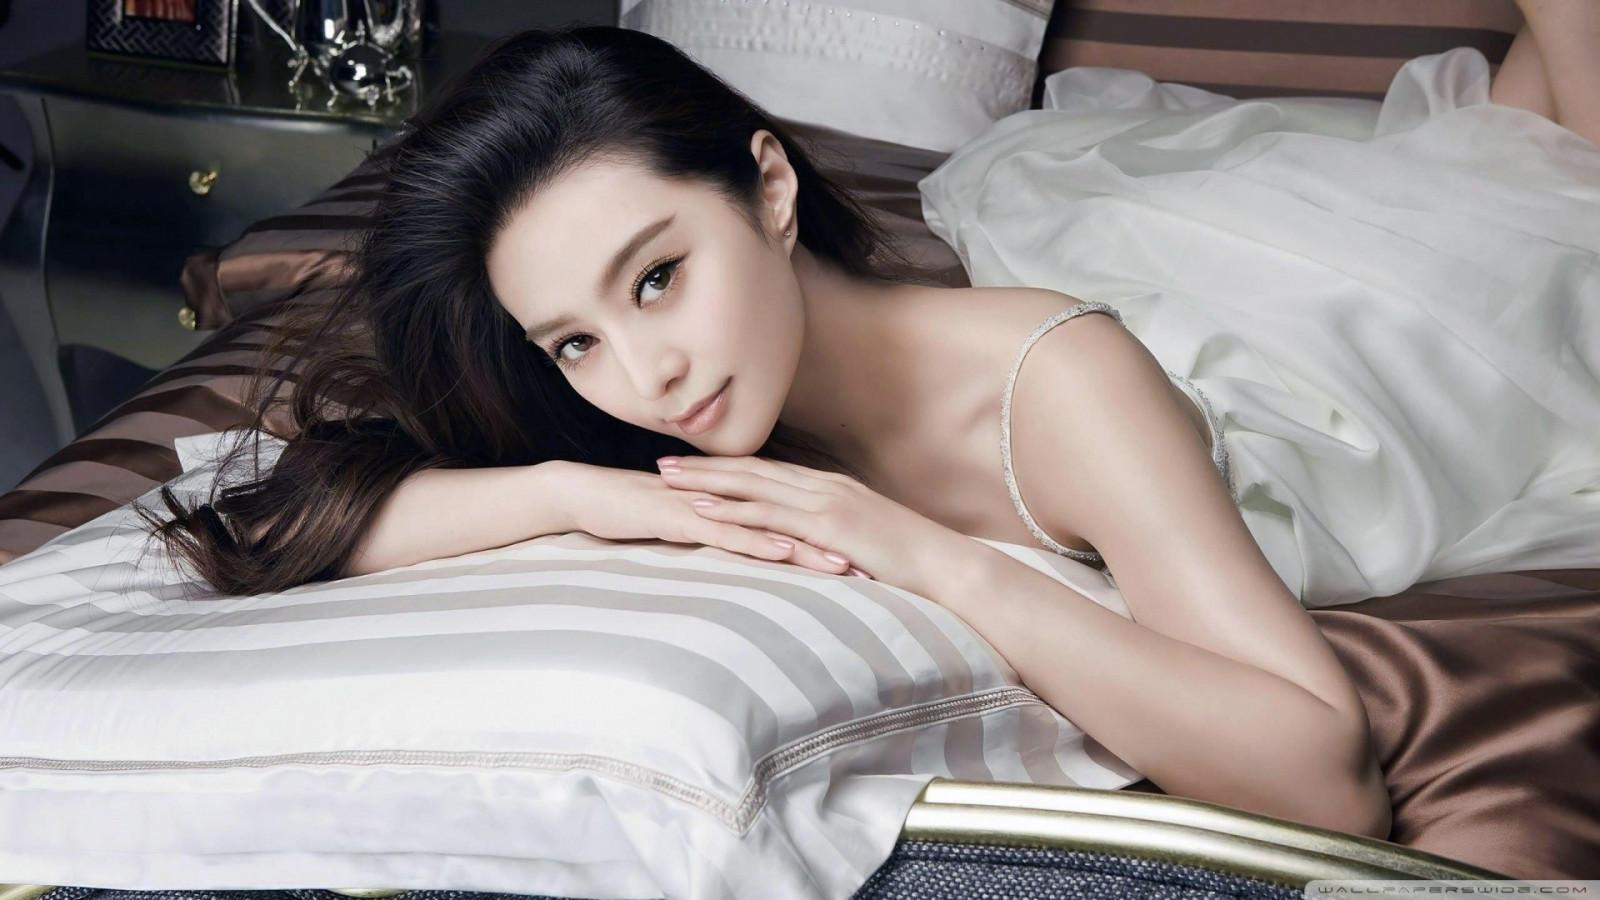 Красивая азиатка на кровати со своим парнем видео, секс жена ублажает мужа смотреть онлайн